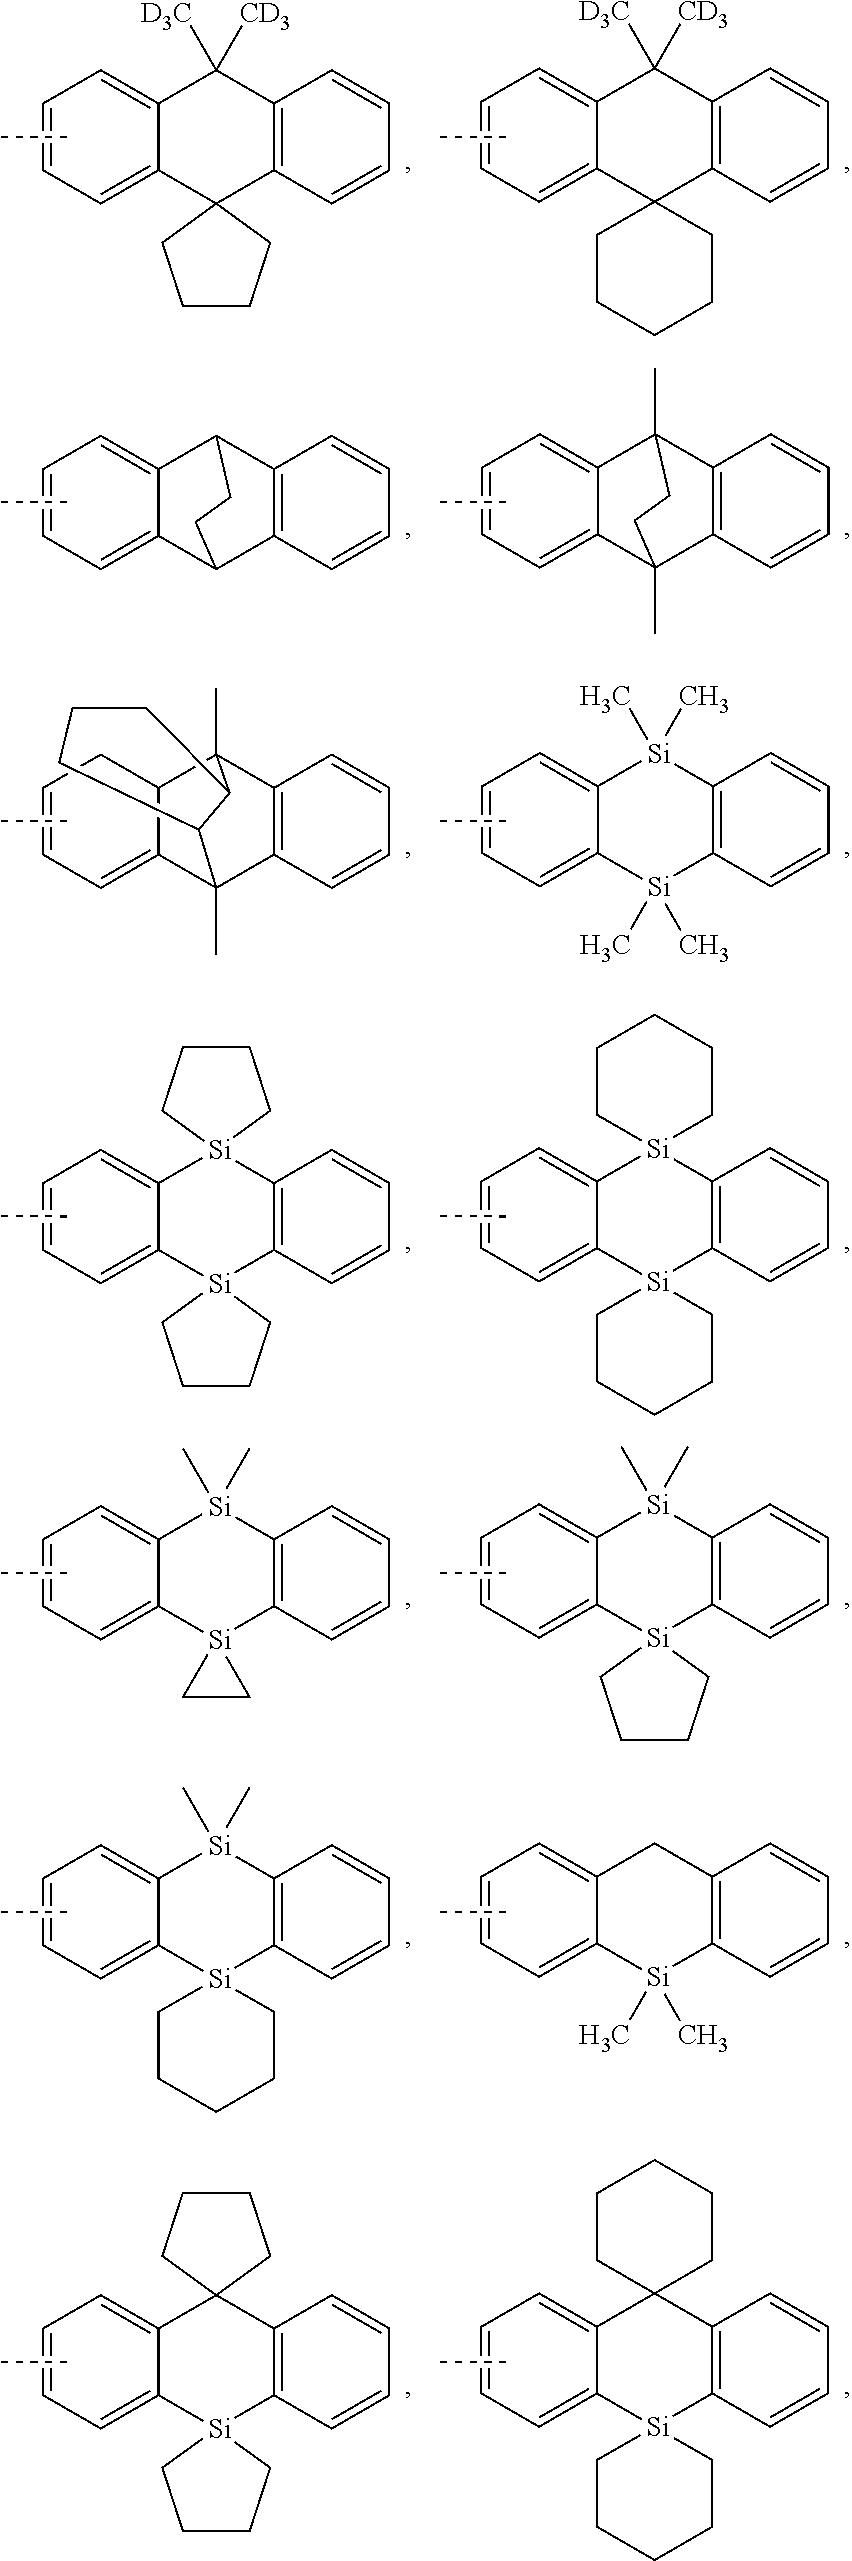 Figure US20180130962A1-20180510-C00011